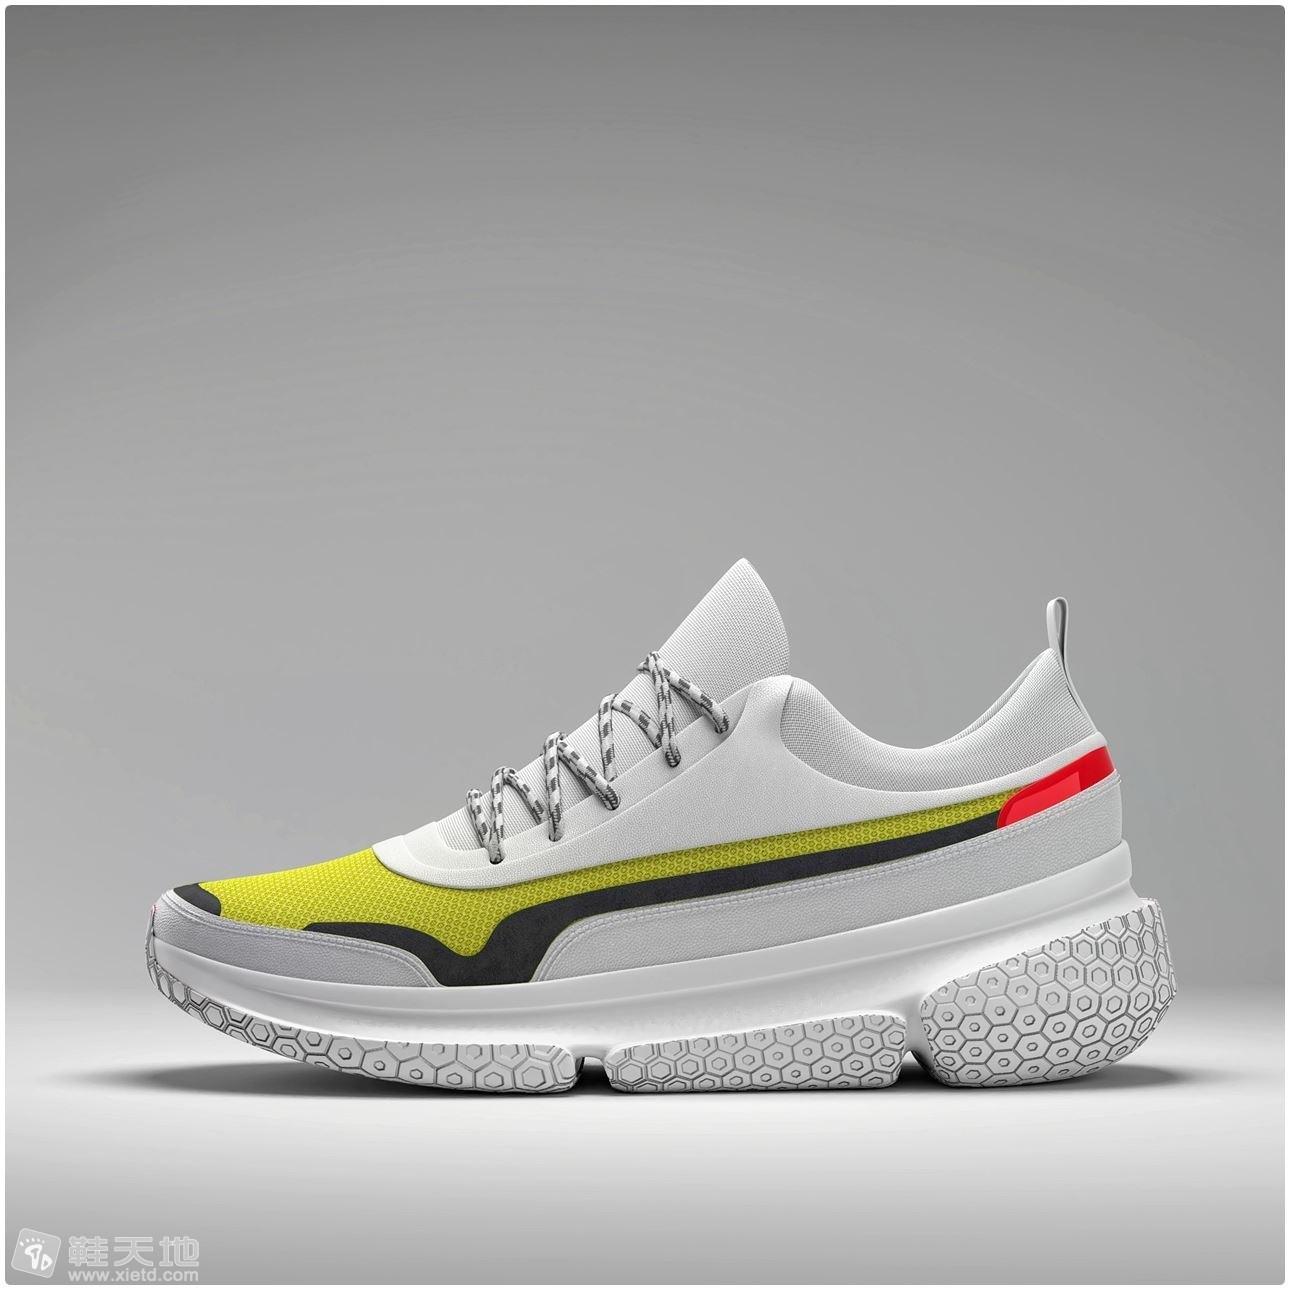 Sneaker concept (11).jpg